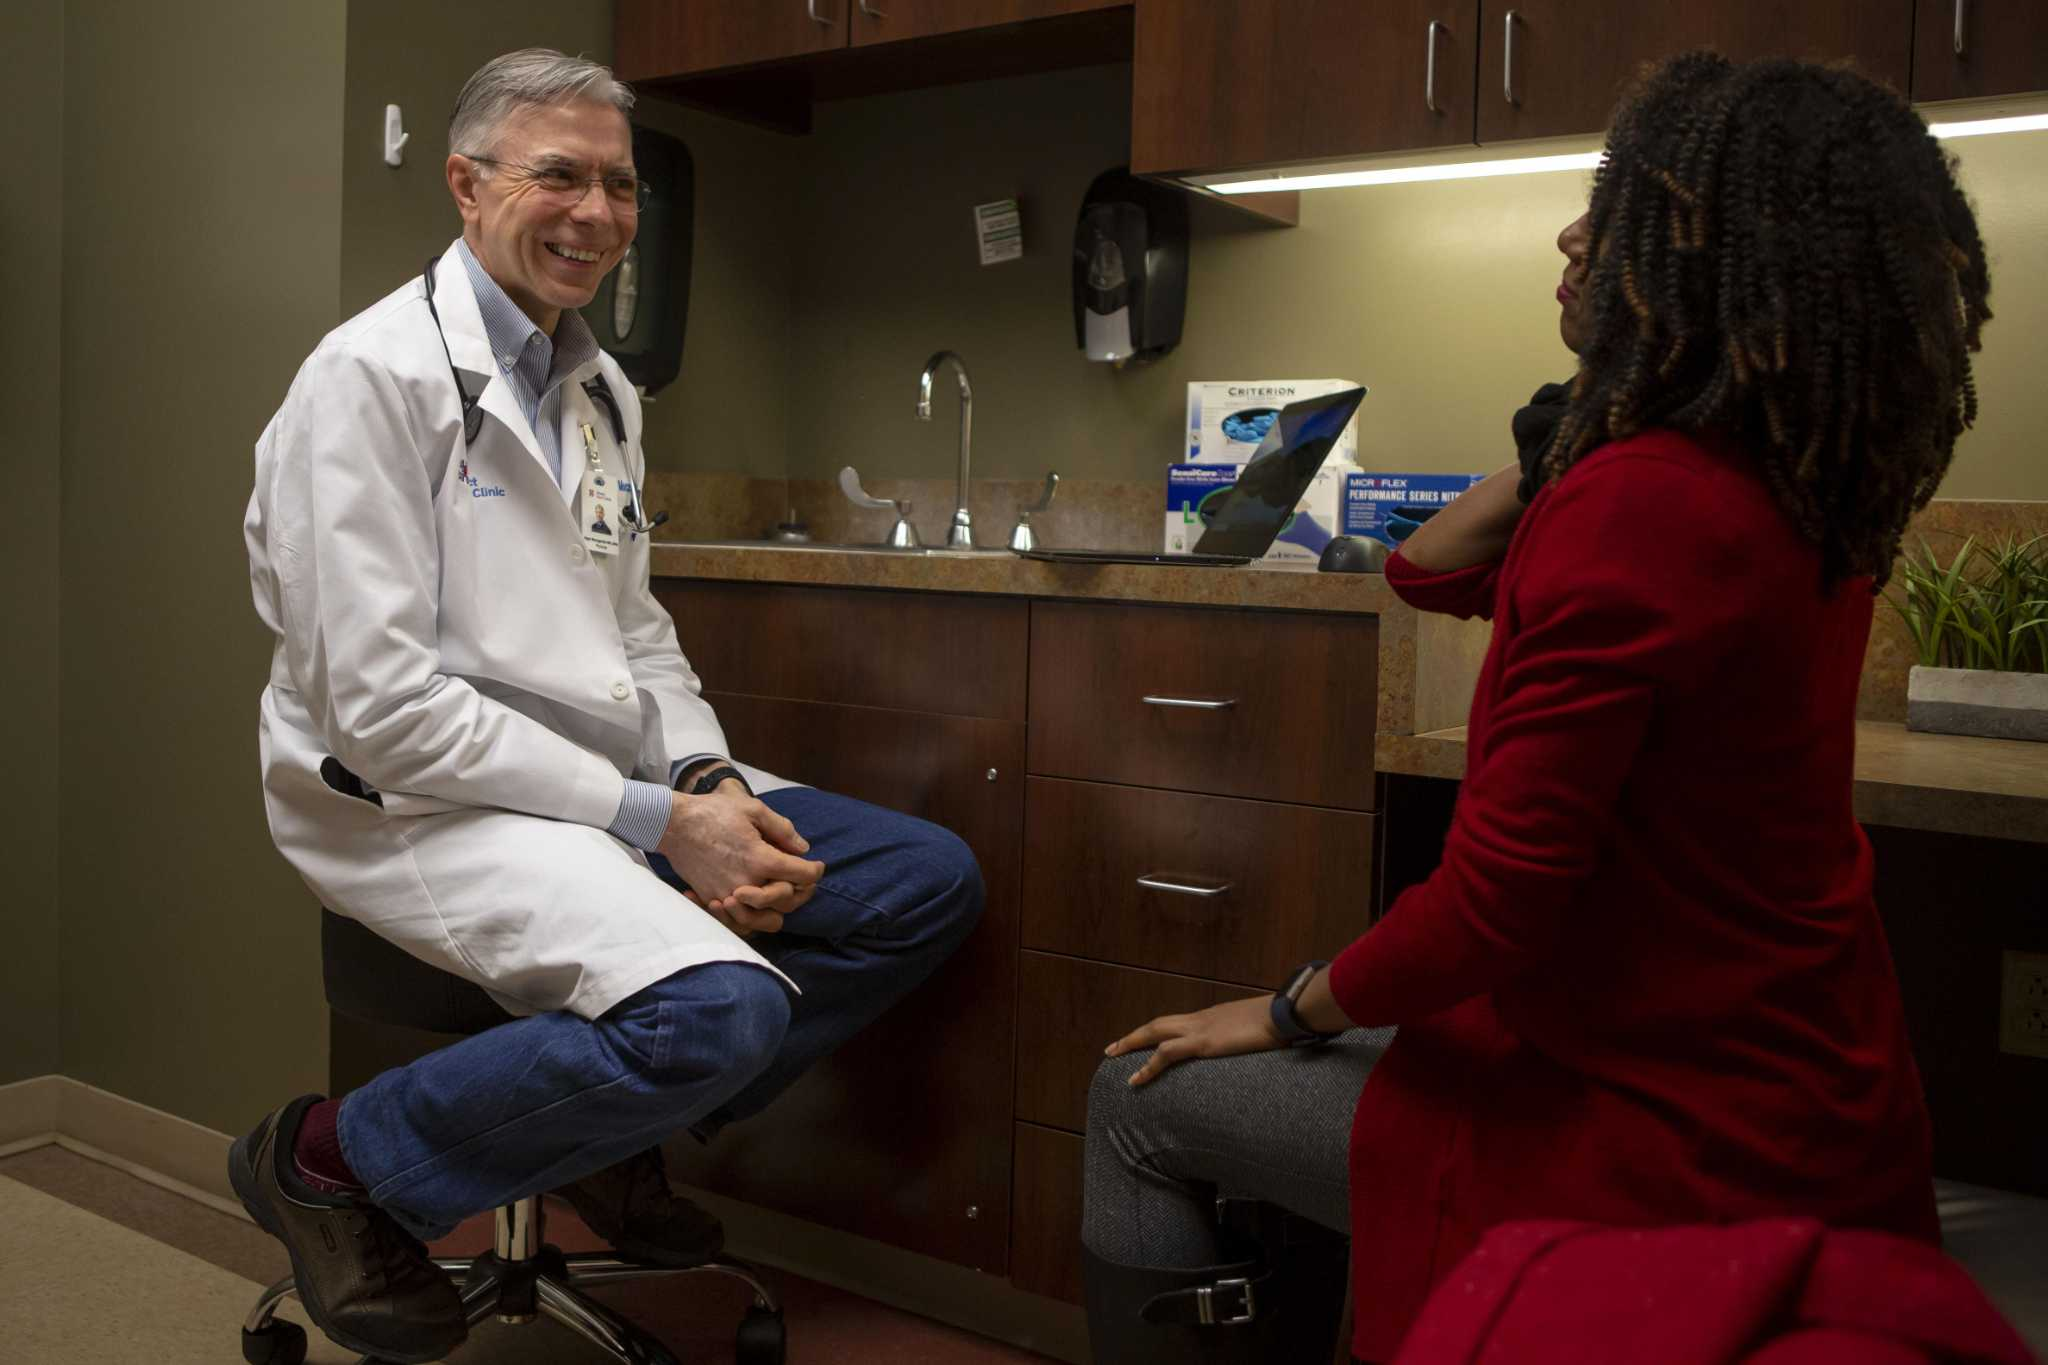 Some San Antonio Doctors Already Reforming Health Care